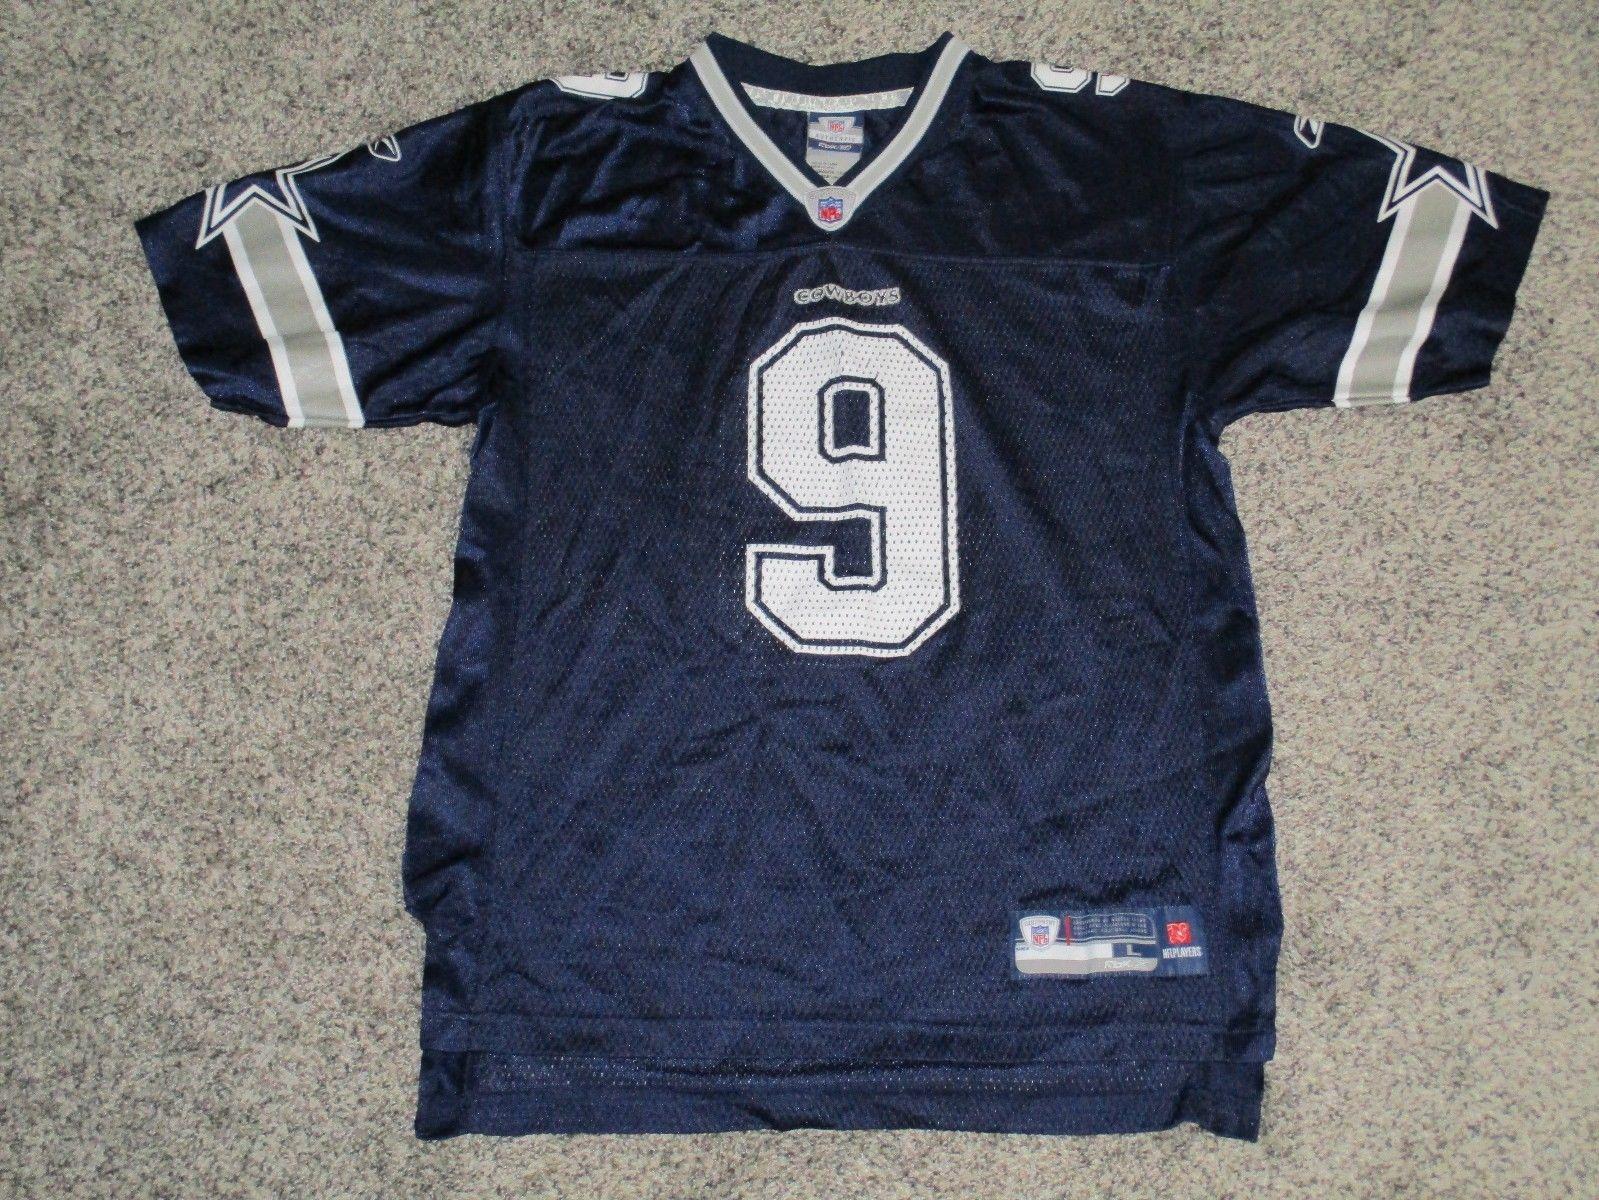 e6b06cba449 Tony Romo Dallas Cowboys Jersey by Reebok, Youth Large (14-16),